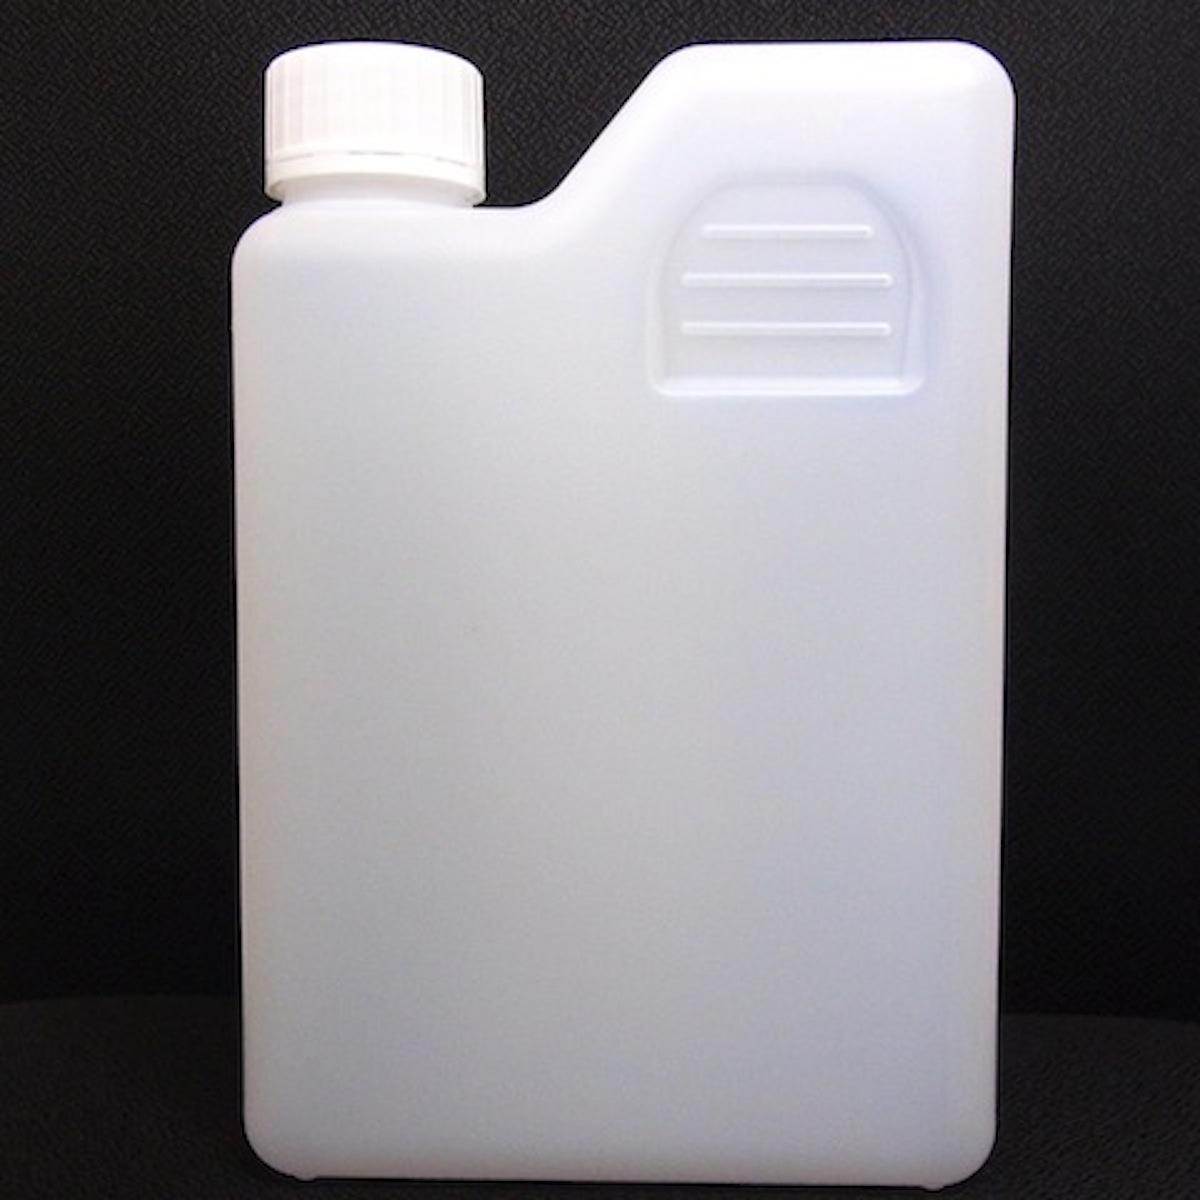 プラスチック容器 1L ラクダ型 封印キャップ中栓仕様【350個入り/ロット 送料無料】